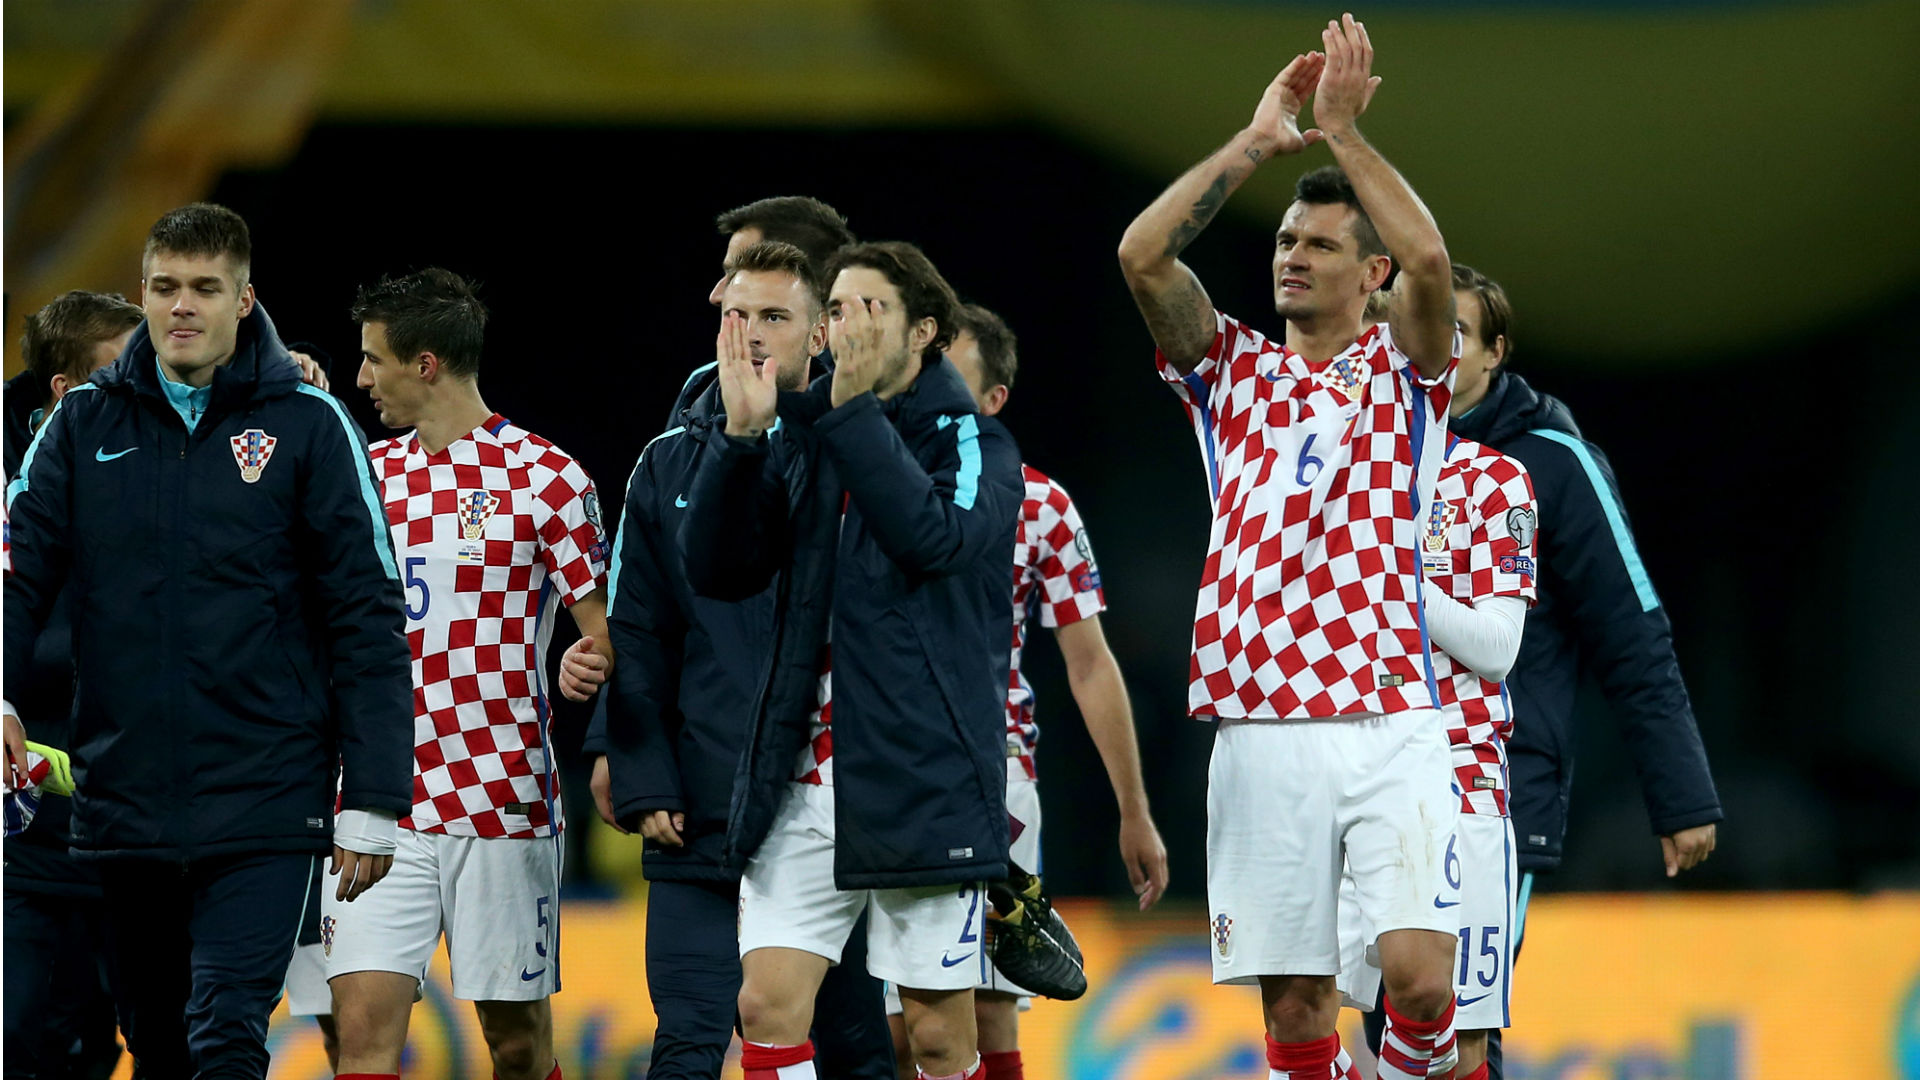 Suécia e Itália discutem apuramento no play-off